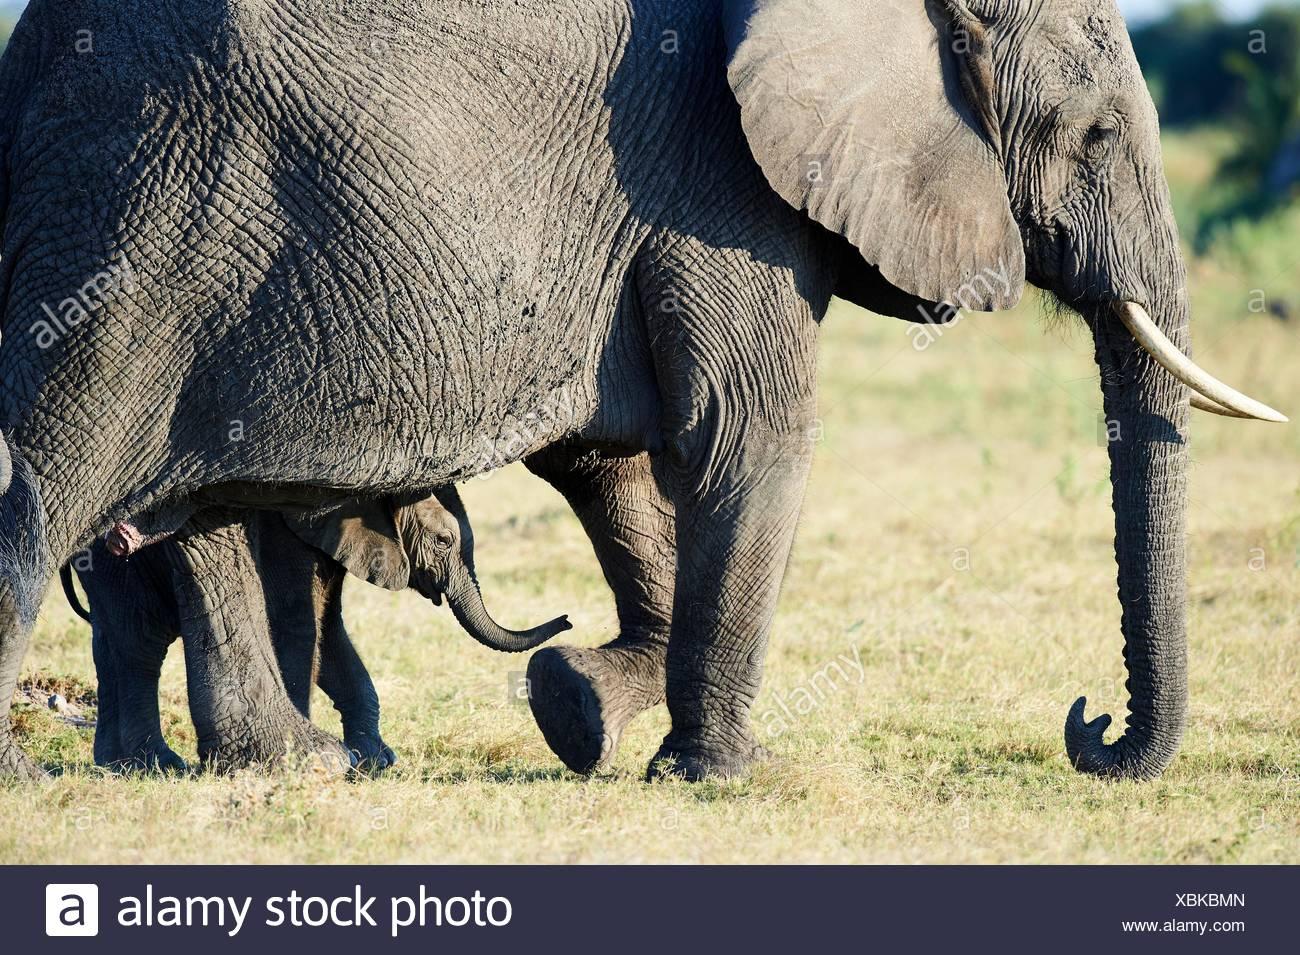 L'éléphant d'Afrique Mère et jeune veau (Loxodonta africana), Duba Plains, Okavango Delta, Botswana, Afrique du Sud. Photo Stock